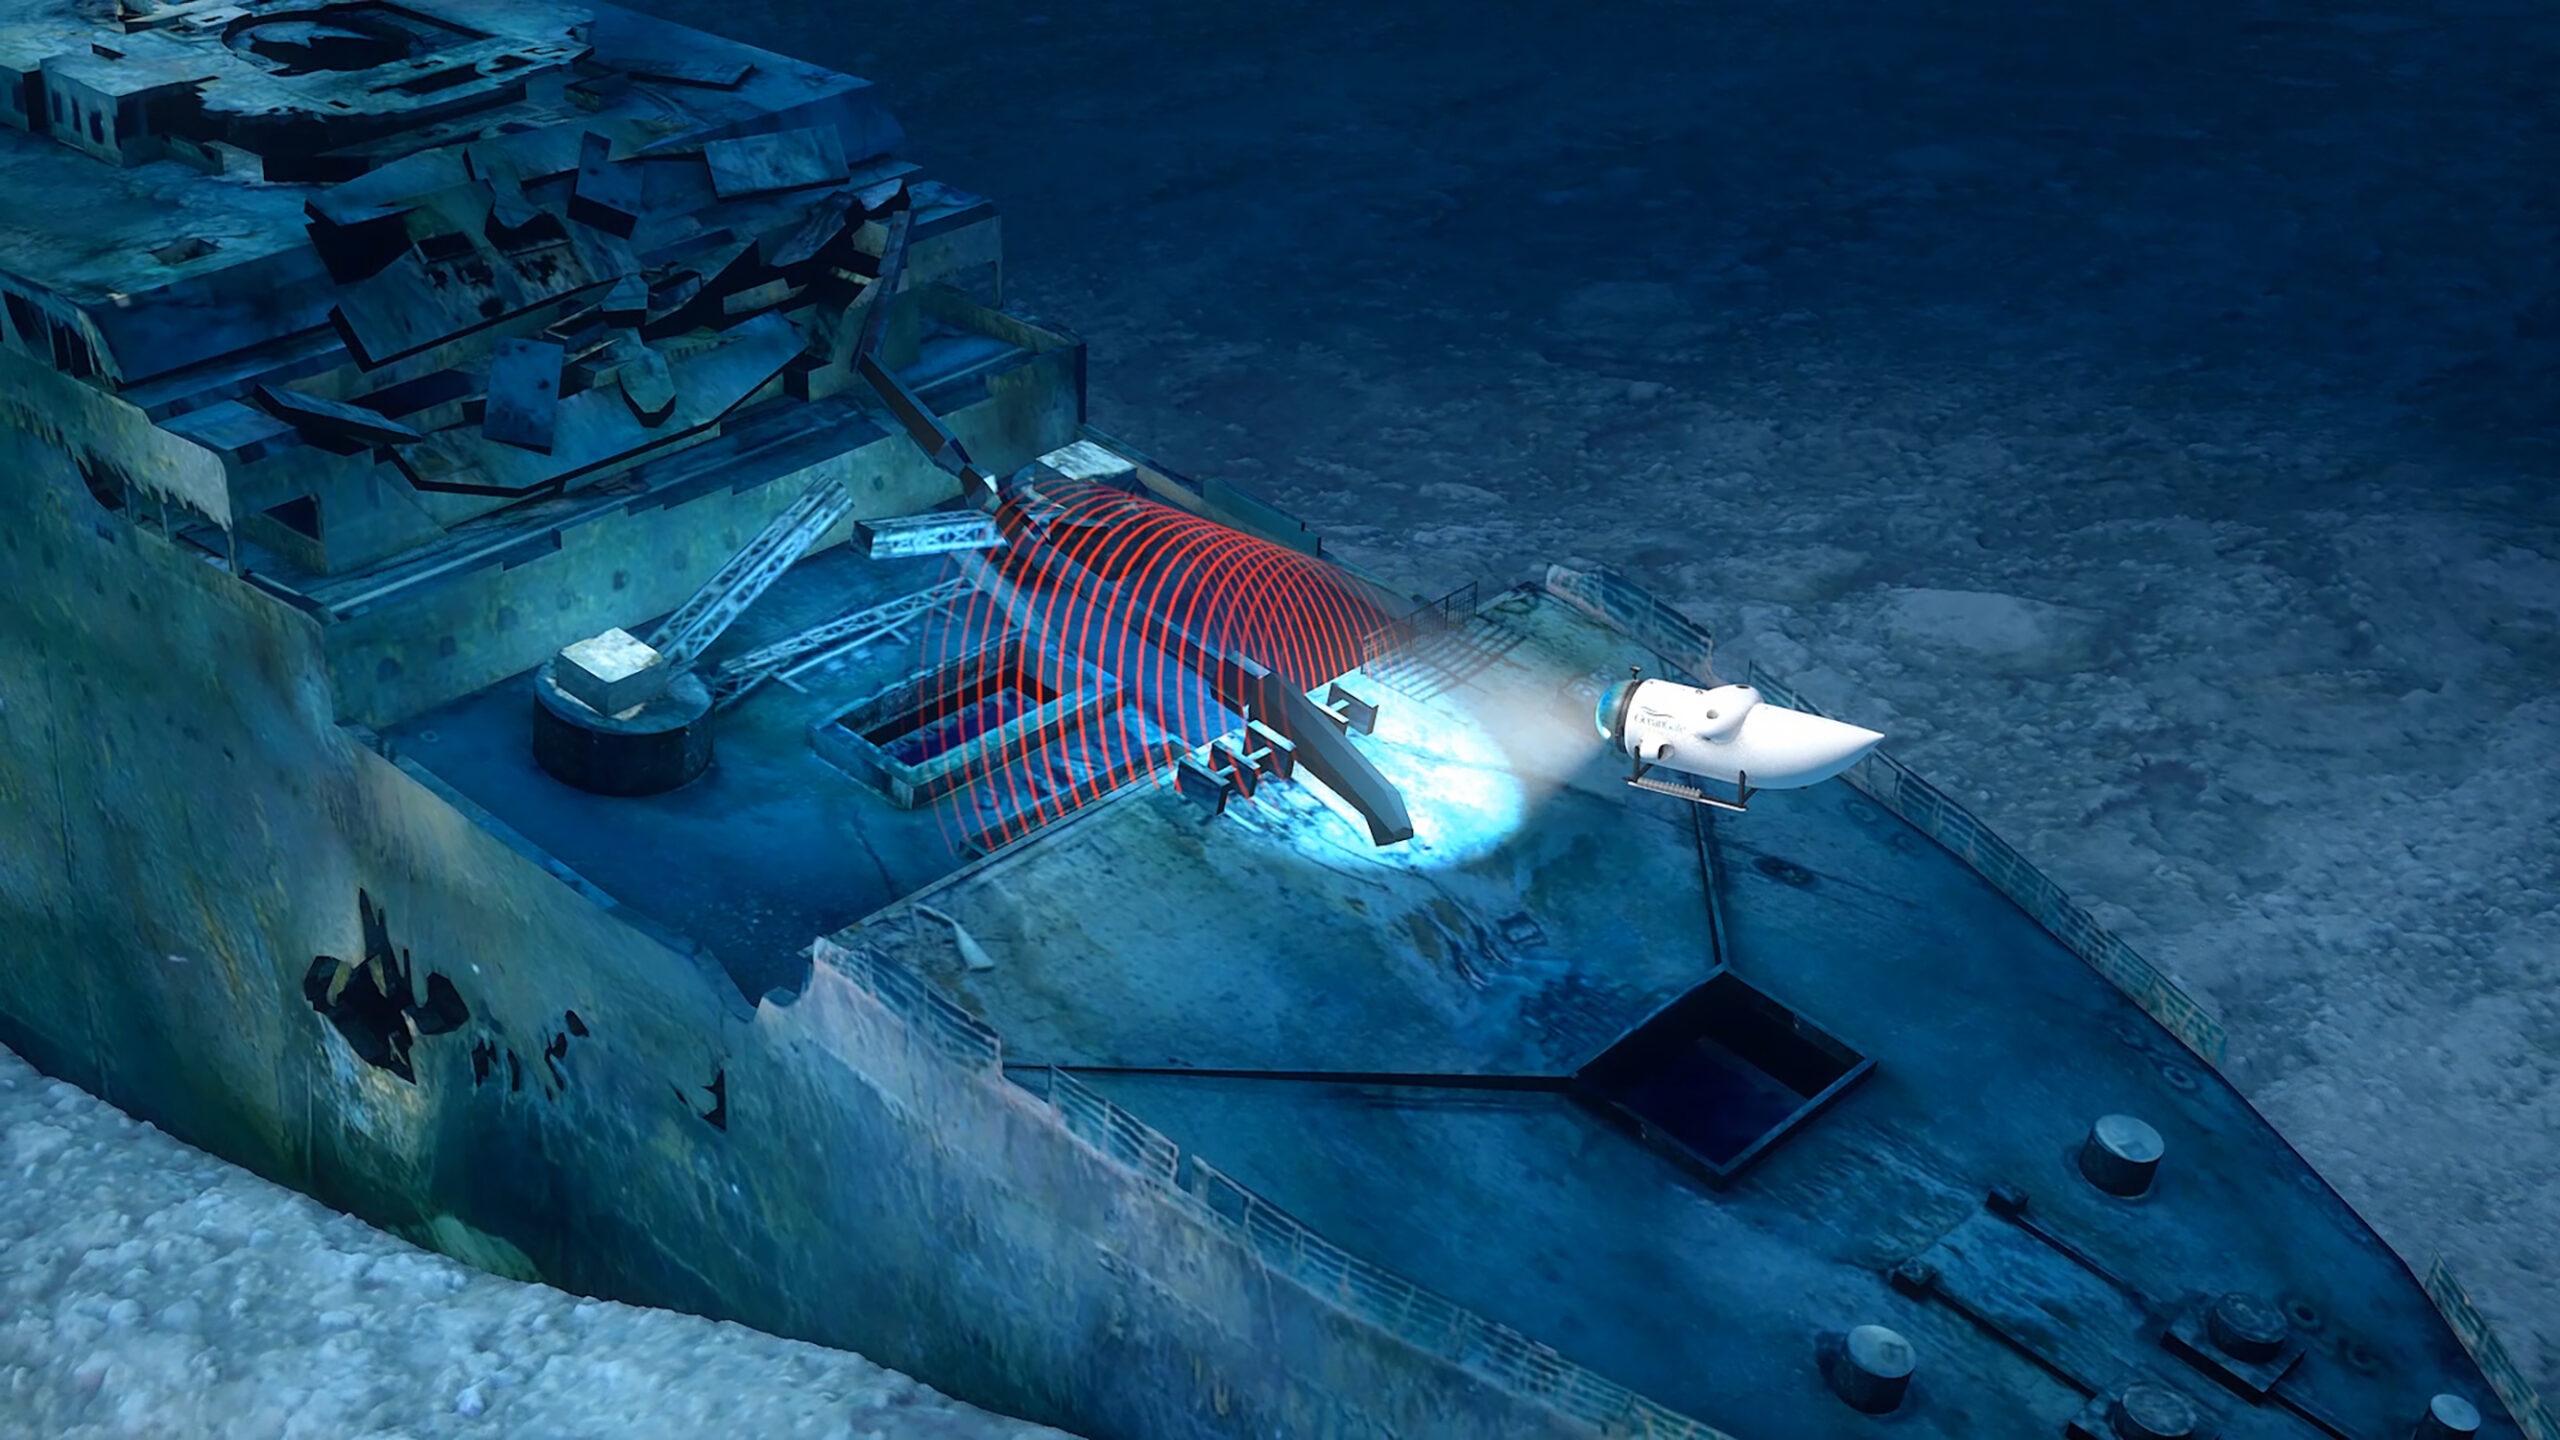 ¿Cómo puedes explorar el Titanic?